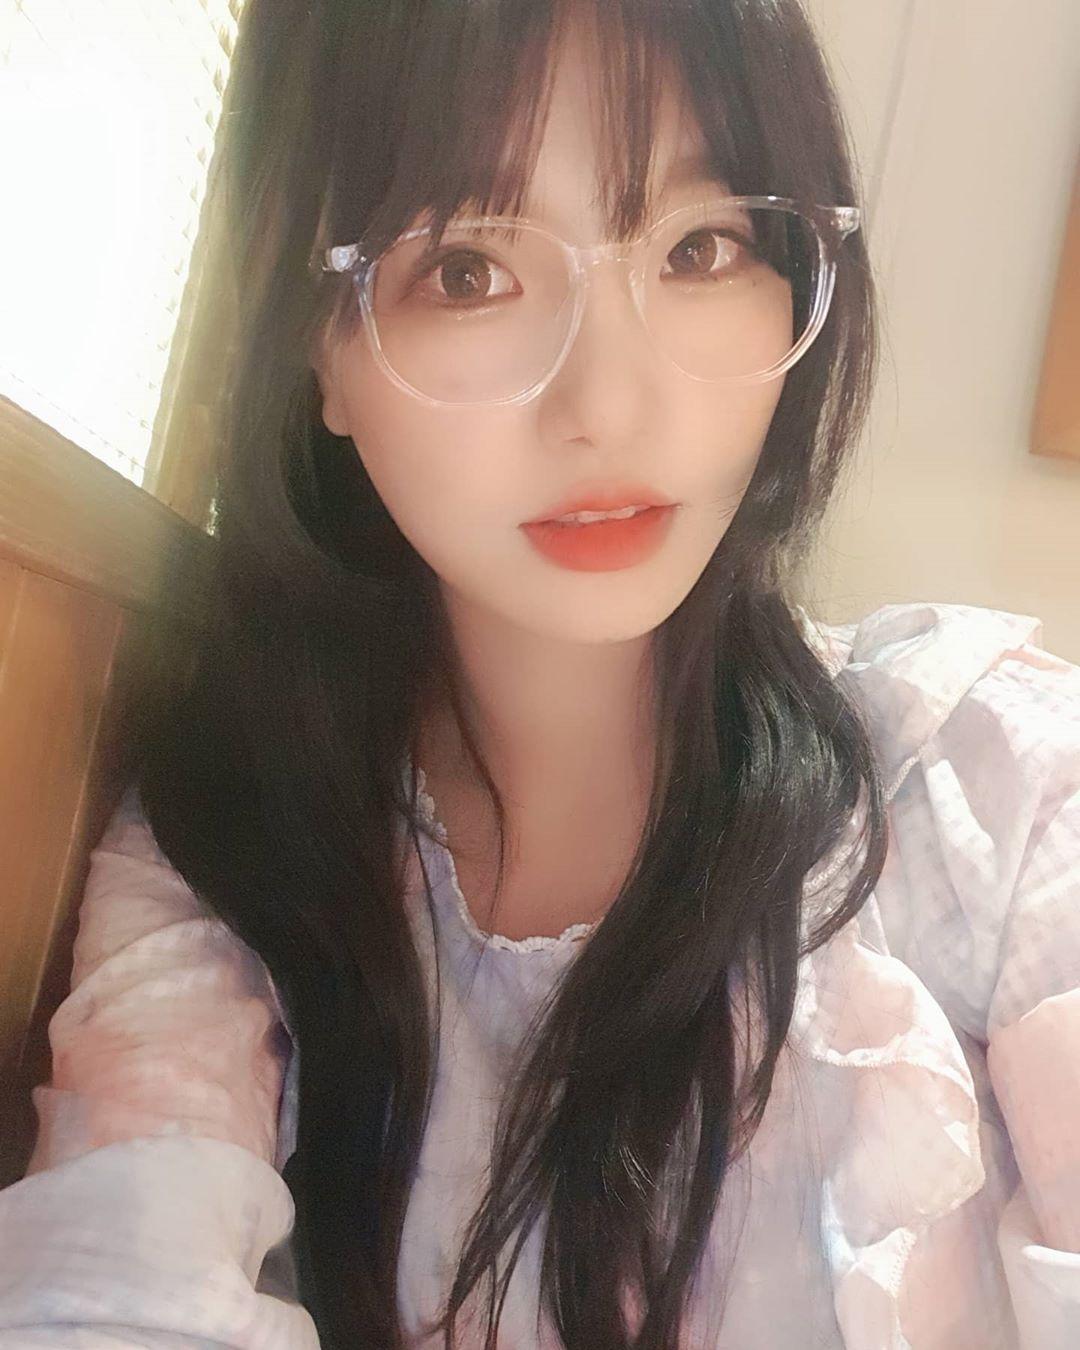 韩国女主播兼cosplay美女+二次元妹子秀莲 韩国妹子 女主播 第32张